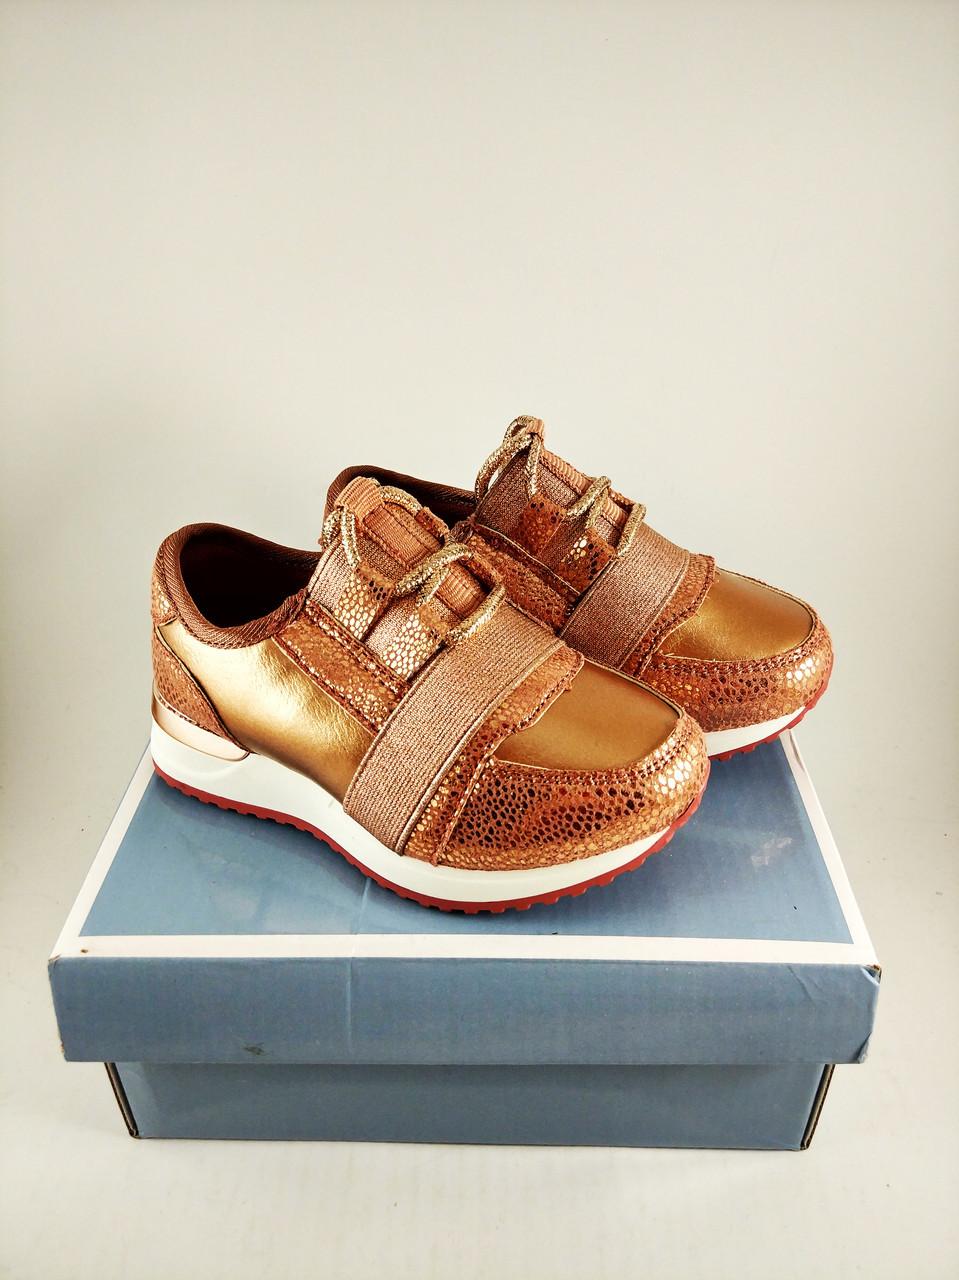 a823f218 ... Обувь для девочек, детские кроссовки розовые Clibee (Польша), фото 4